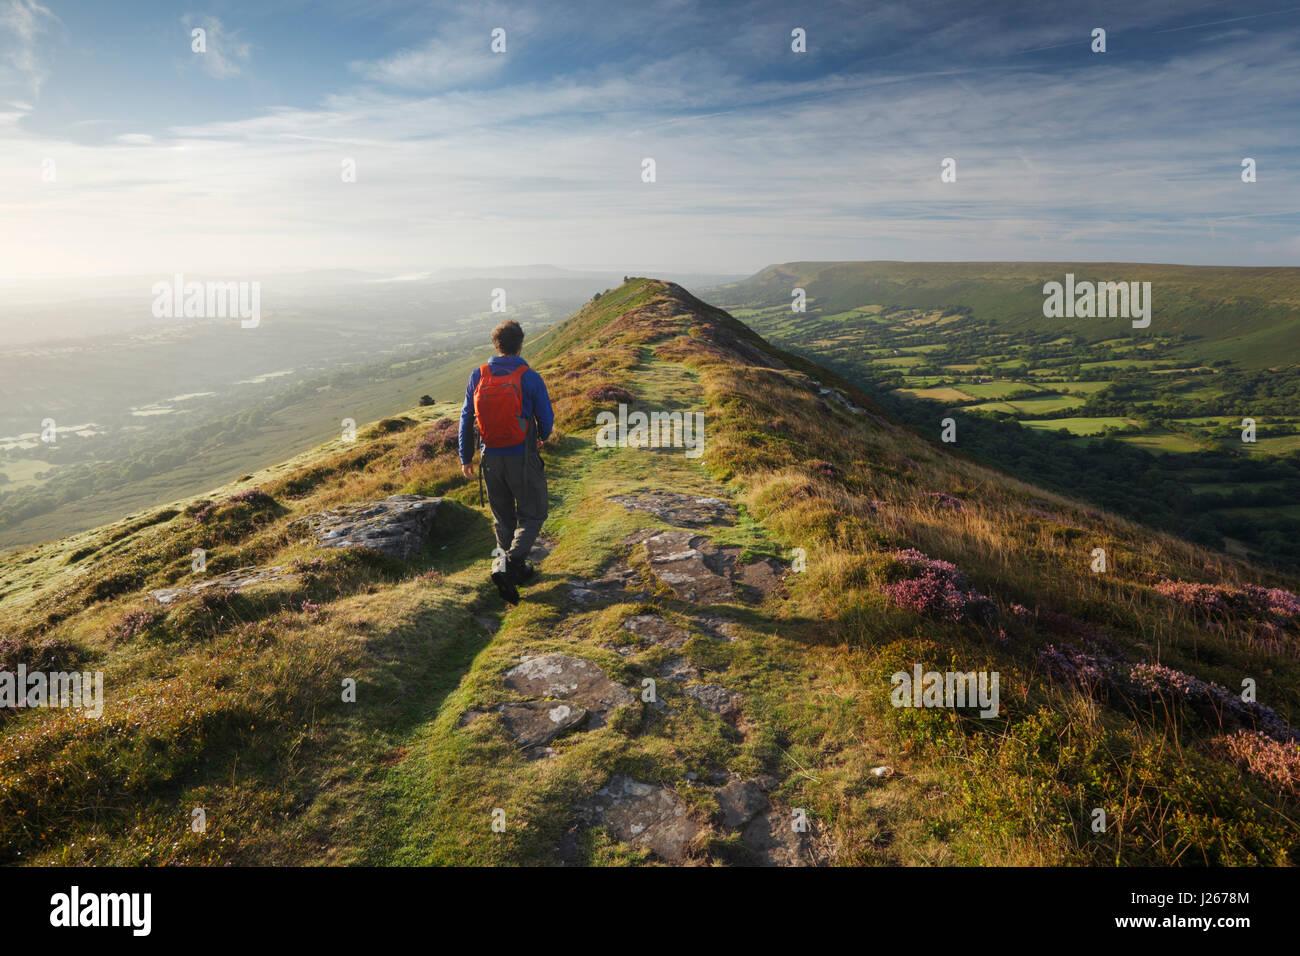 Hillwalker sur Noir colline dans les Montagnes Noires. Parc national de Brecon Beacons, Pays de Galles, Royaume Photo Stock